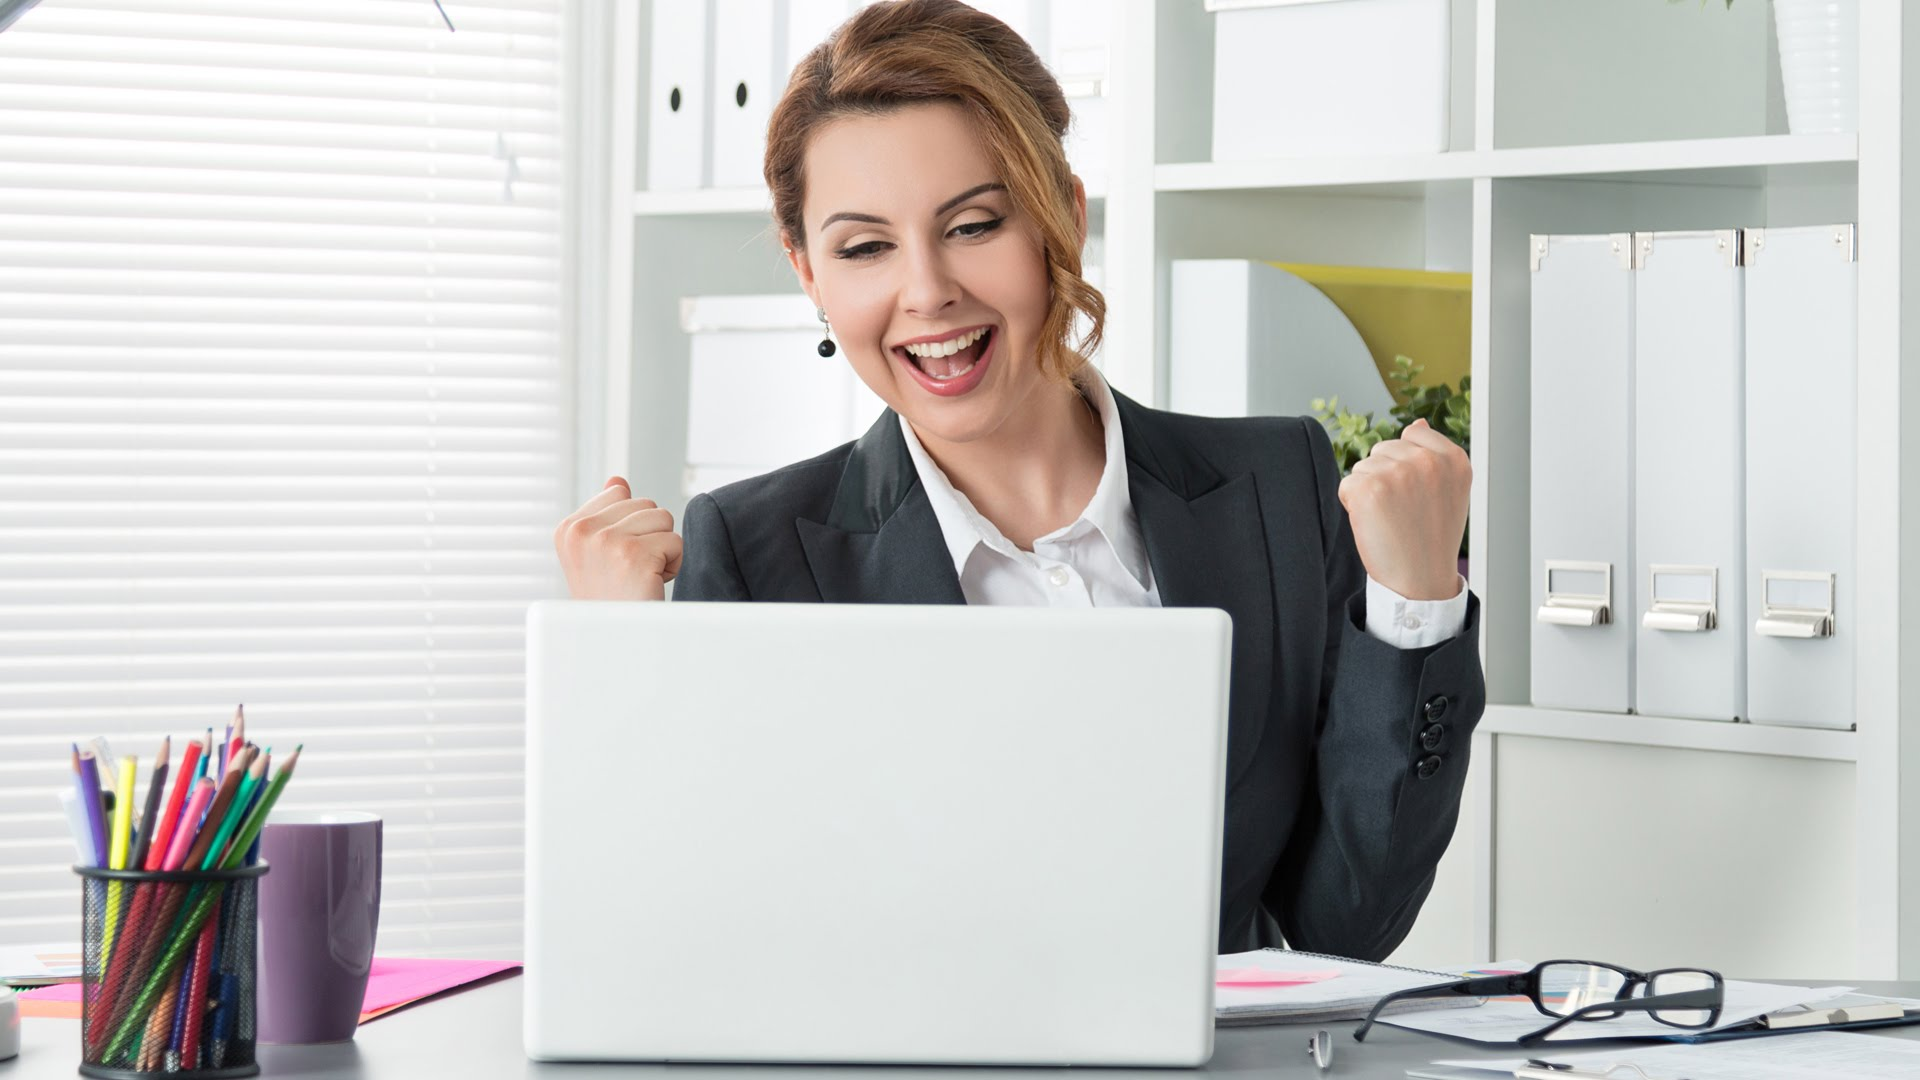 Плакатом человечком, картинки бухгалтера в работе